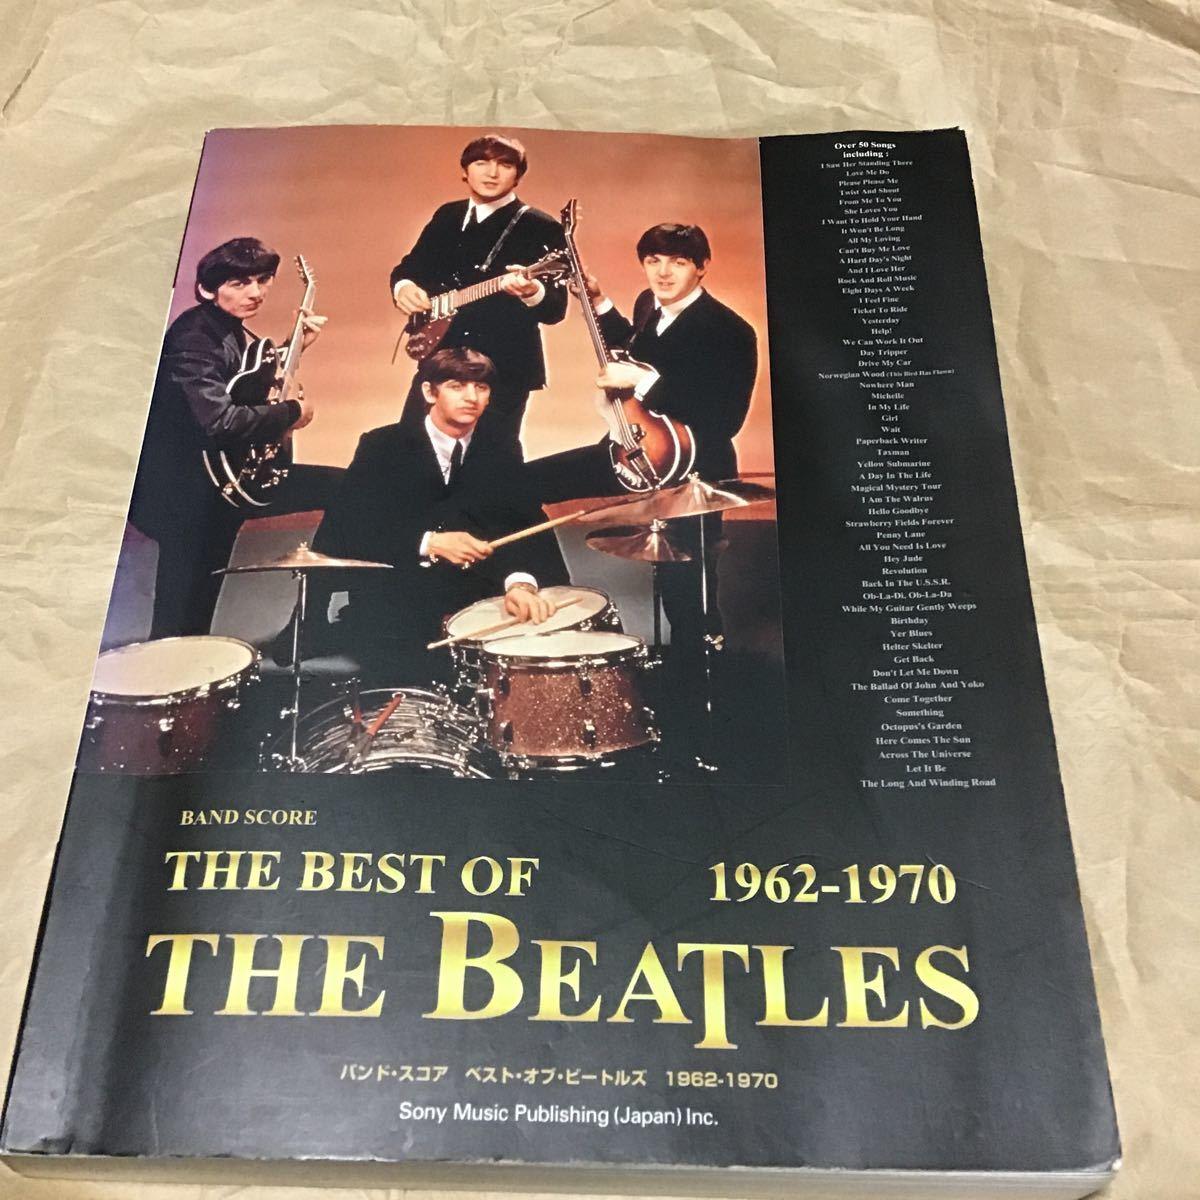 ベストオブビートルズ1962−70/シンコーミュージッ (著者)初版本・全55曲完全掲載バンドスコア